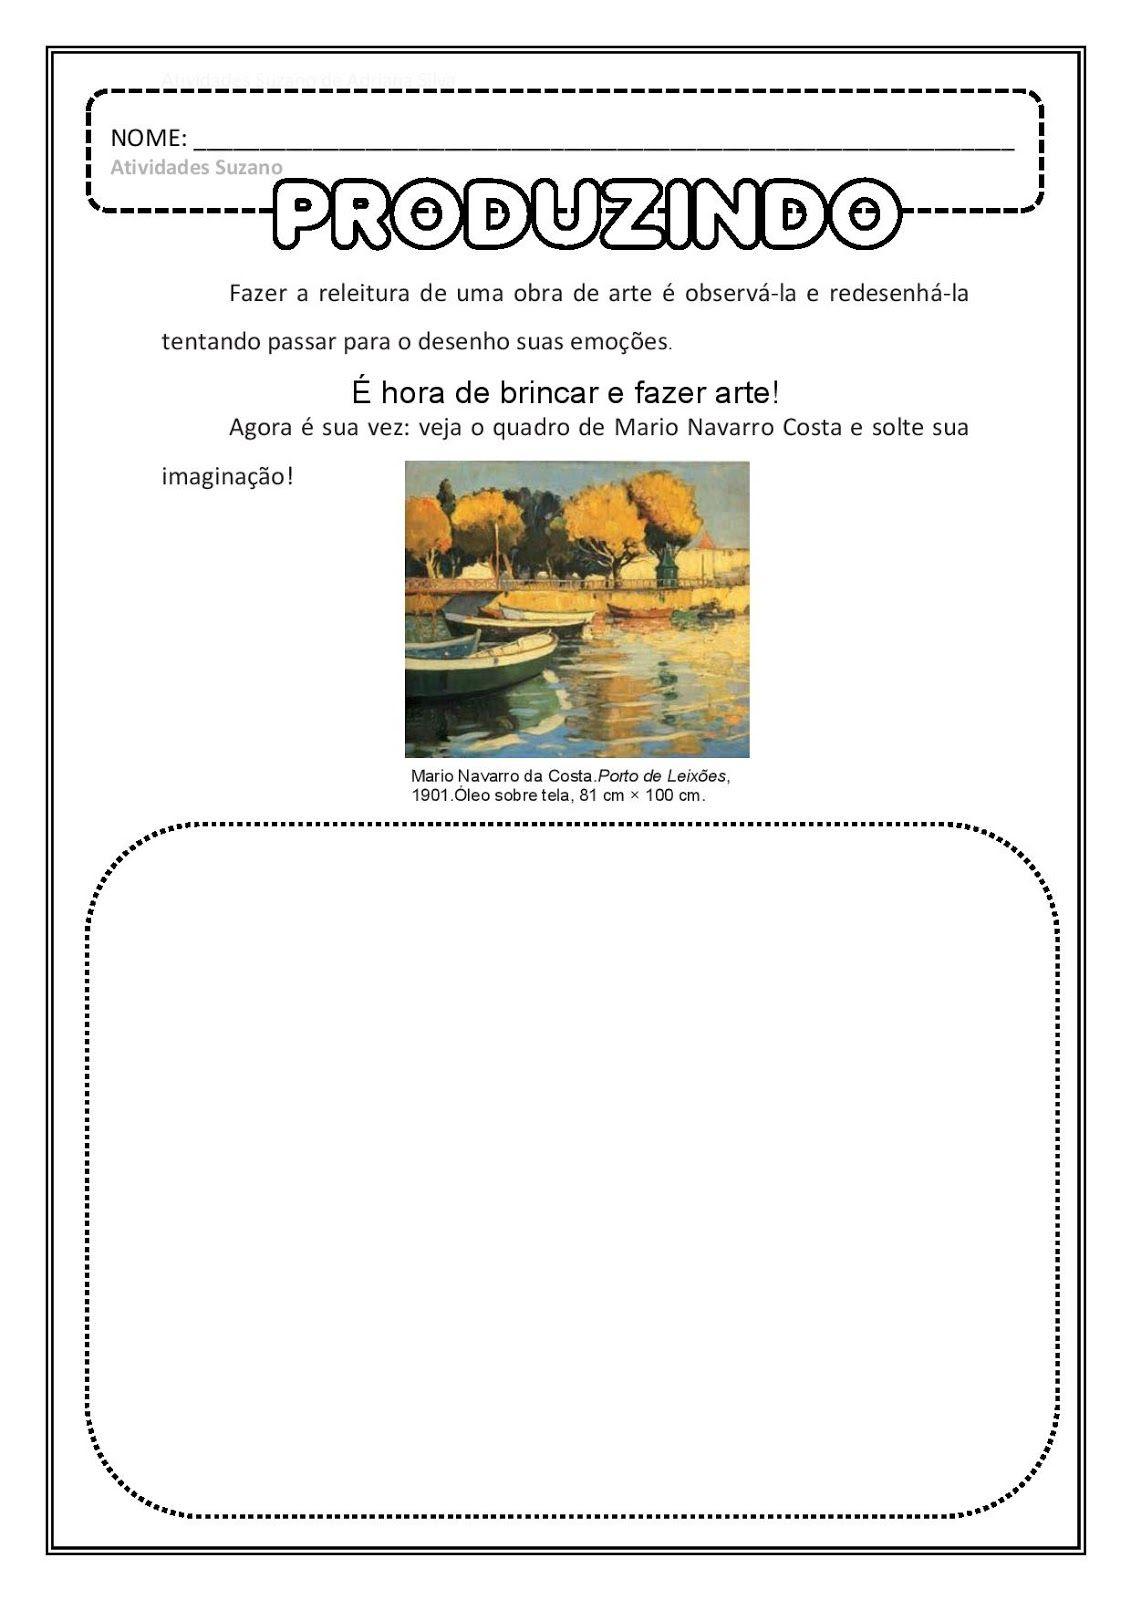 Releitura Obra De Arte E Pesquisa Page 002 Jpg 1131 1600 Com